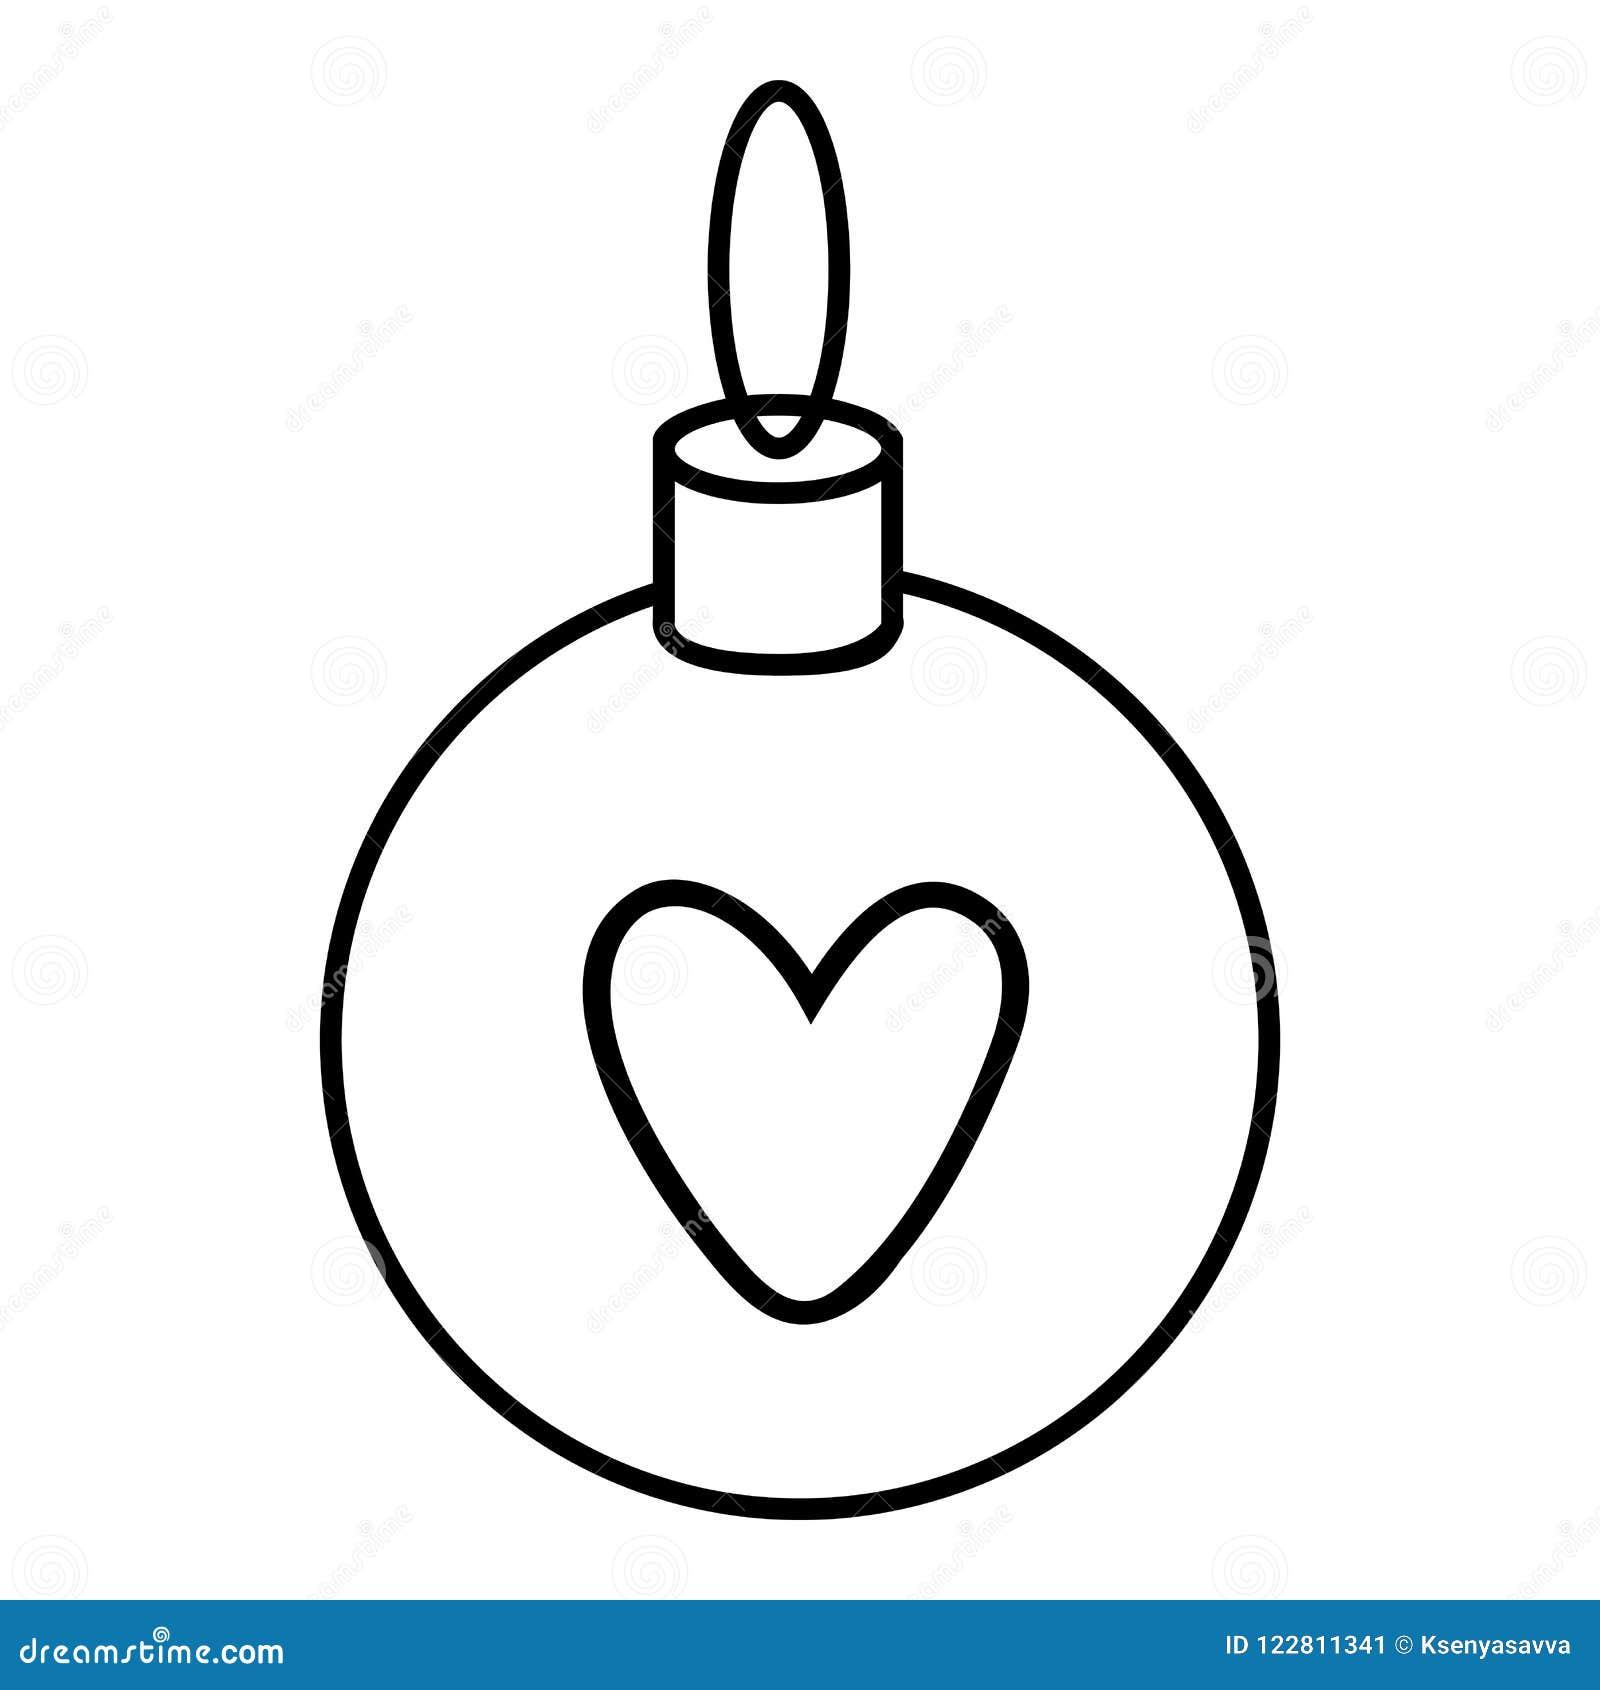 Dessin Boule De Noel.Livre De Coloriage Boule De Noël Illustration De Vecteur